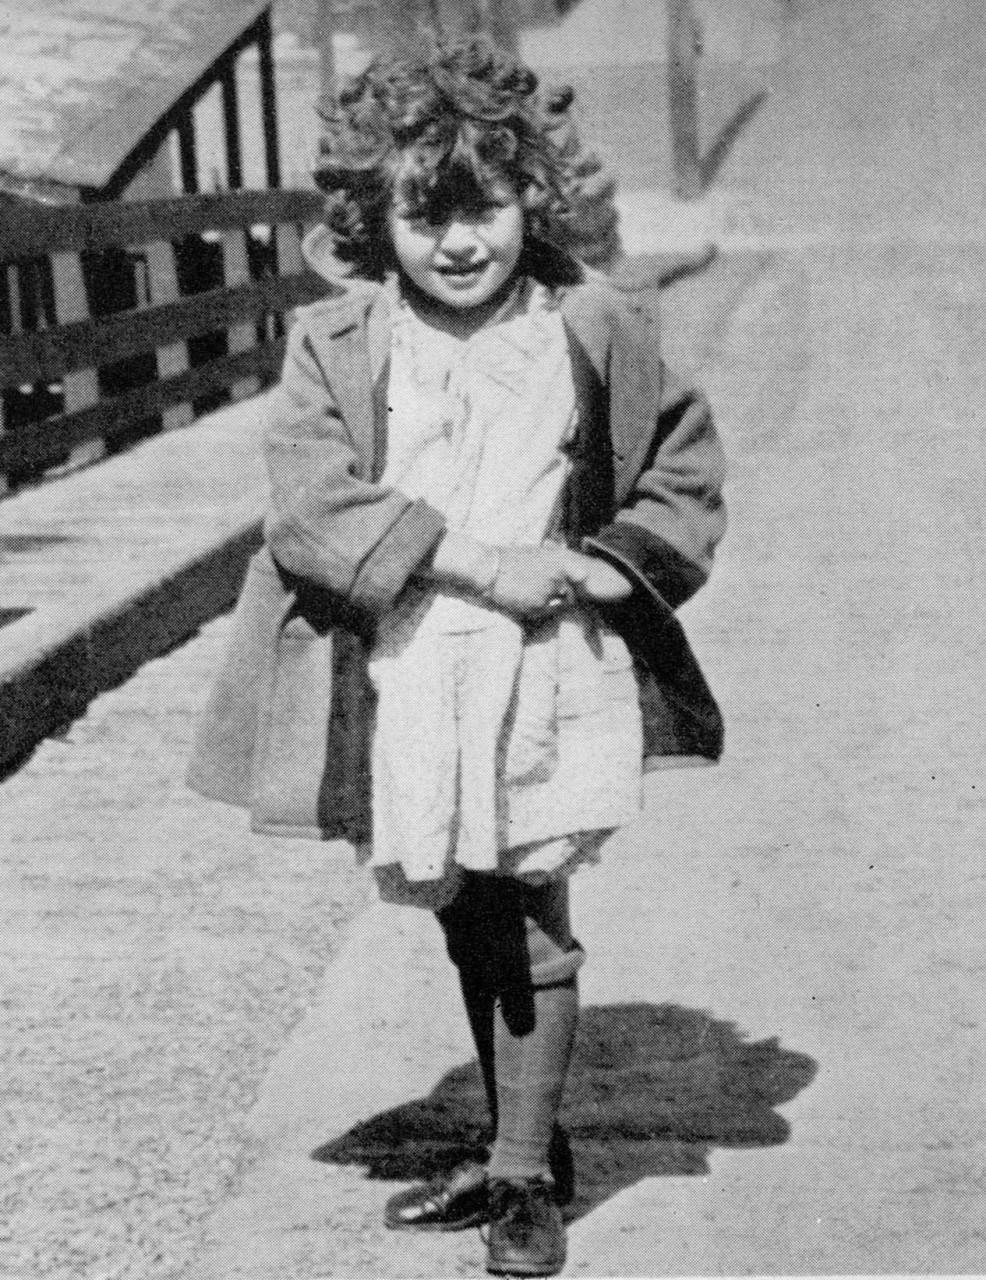 История дочери шахтера, которая стала звездой Голливуда и мечтой американских солдат актеры